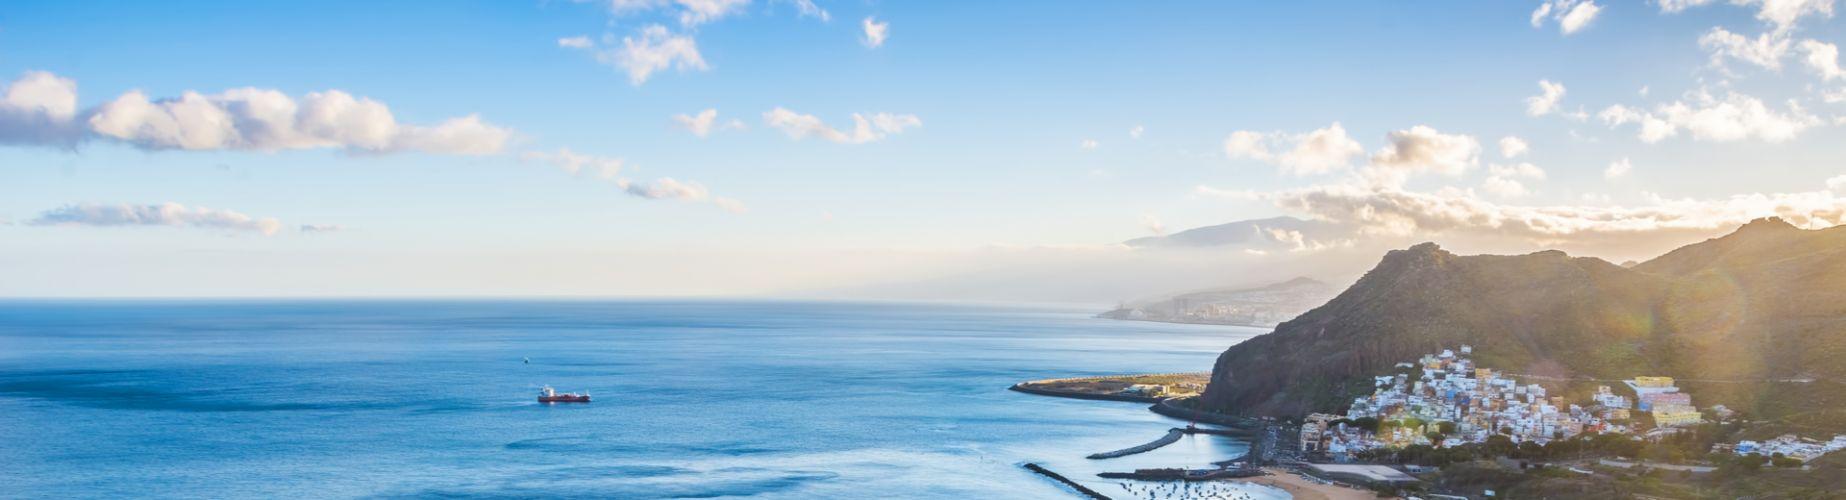 Entdecke die Kanaren und Madeira auf einem Kreuzfahrtschiff